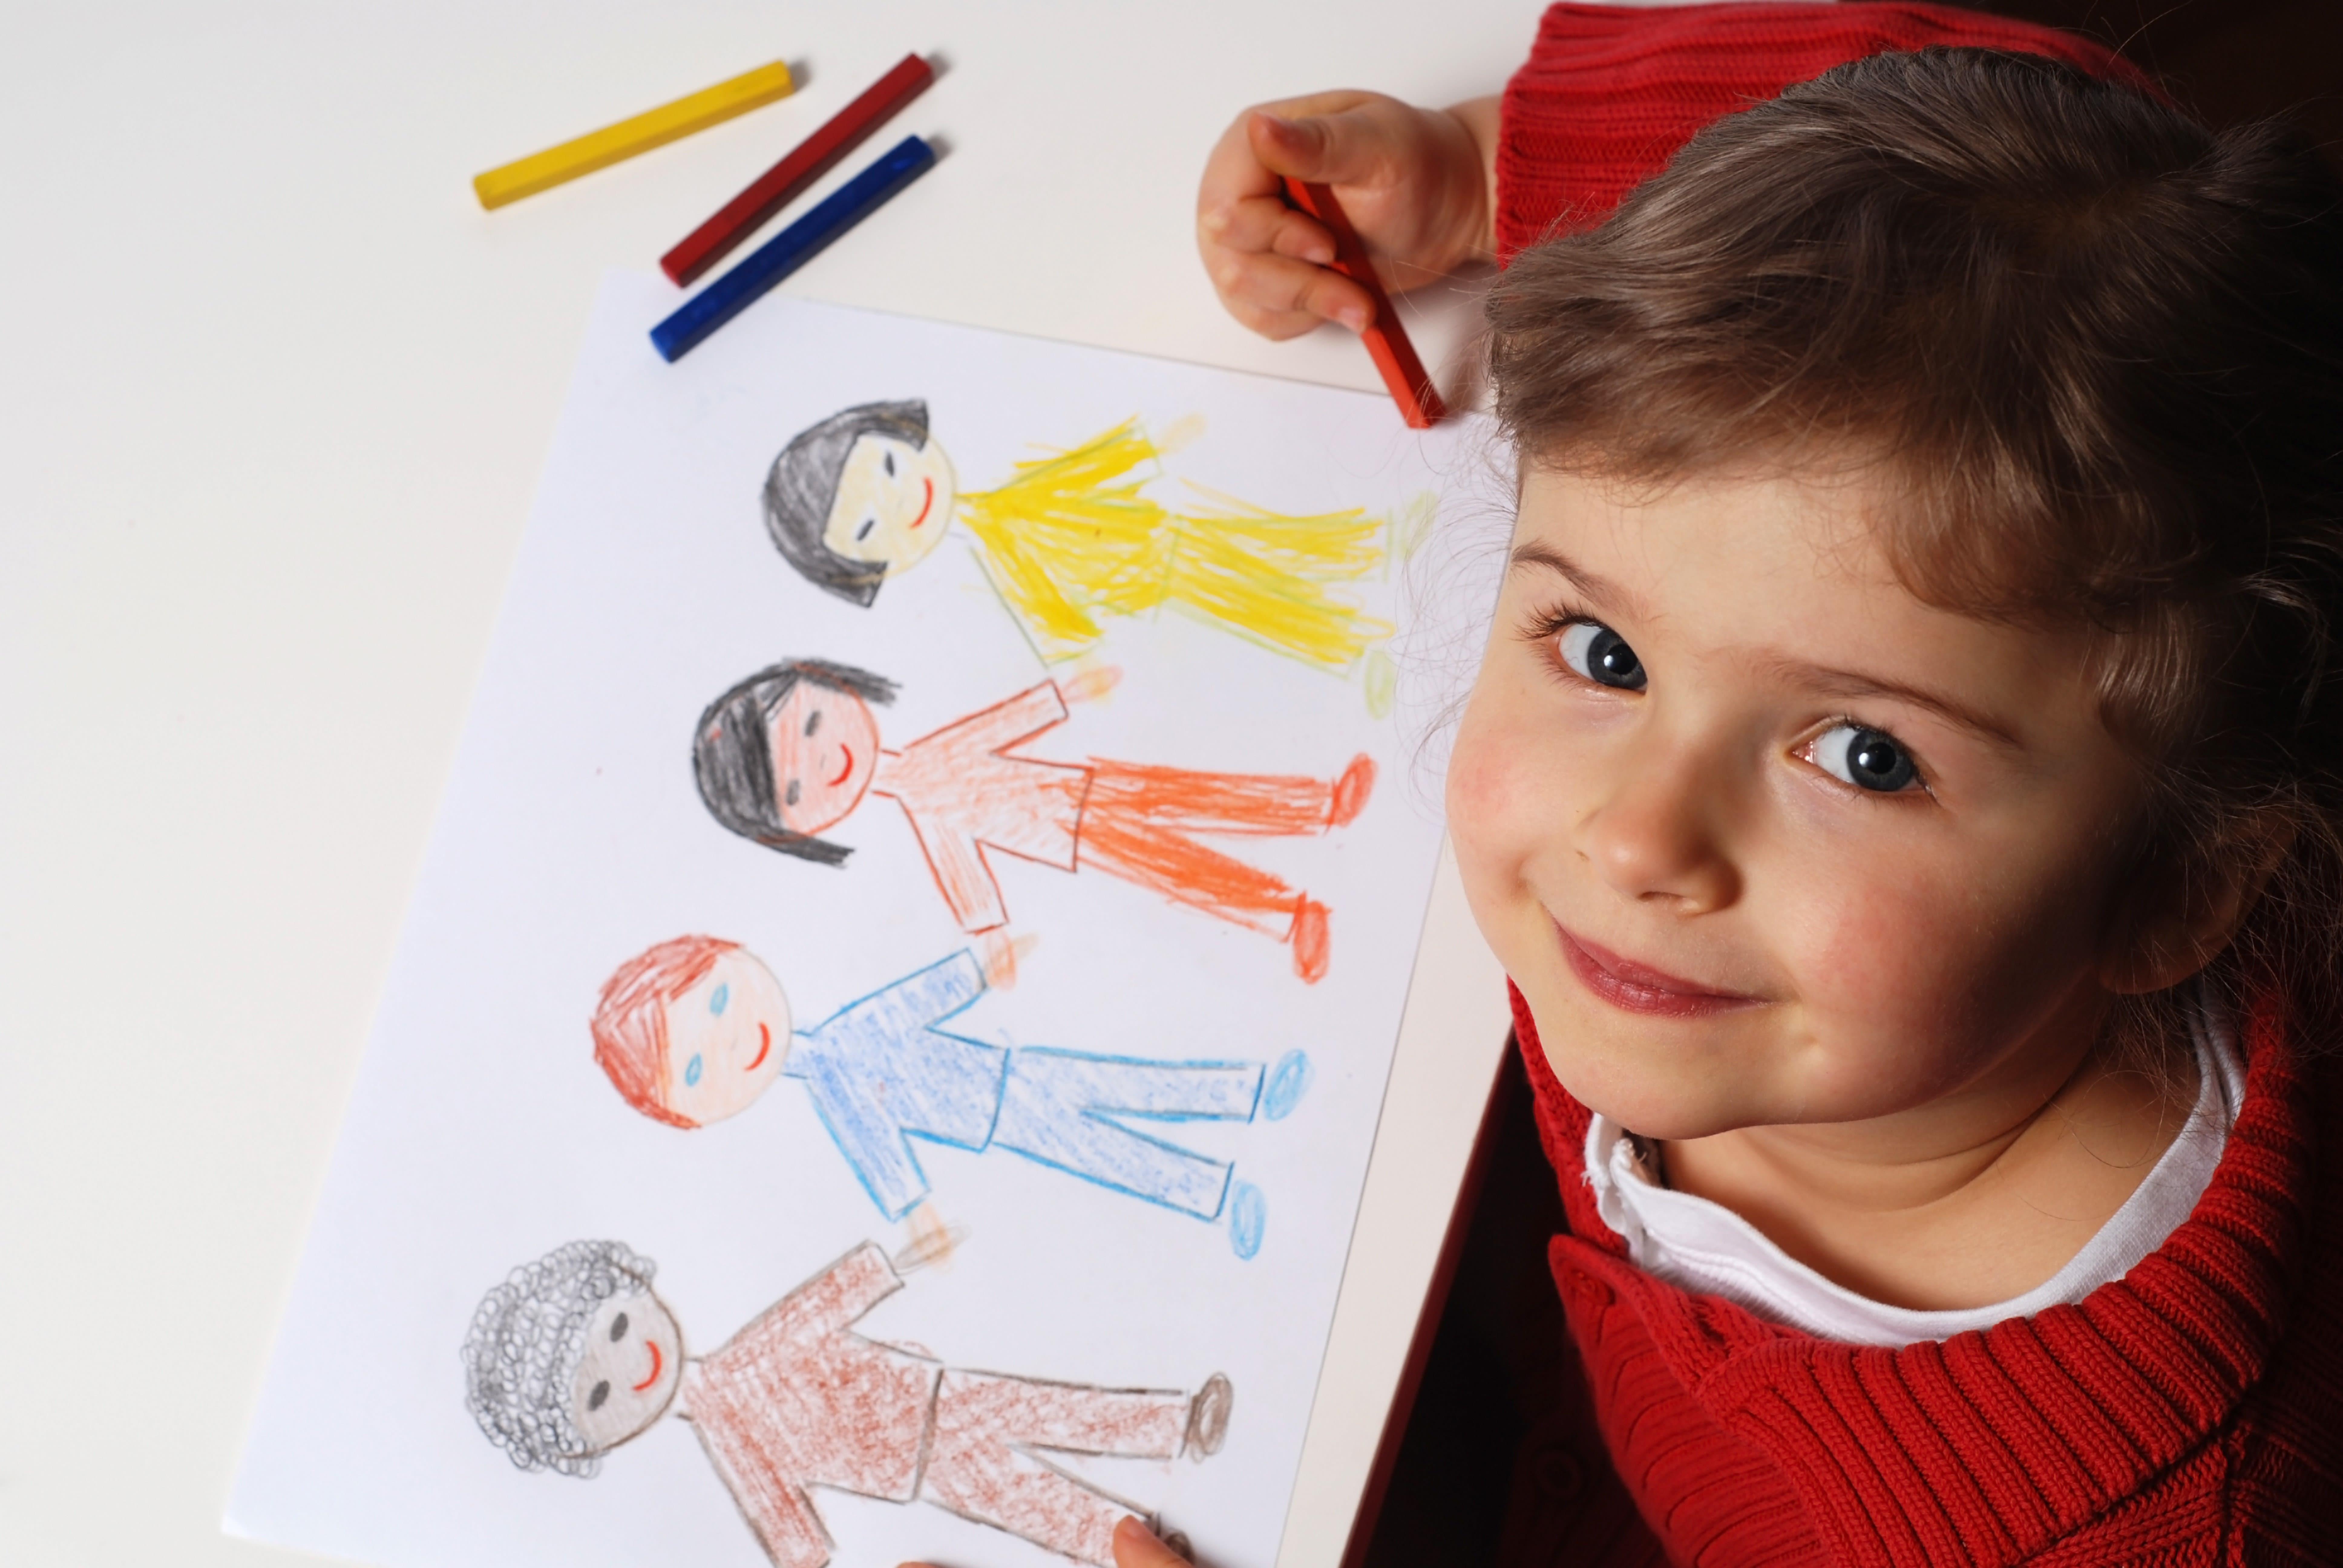 Марта, картинки которые нарисовали дети 8 лет